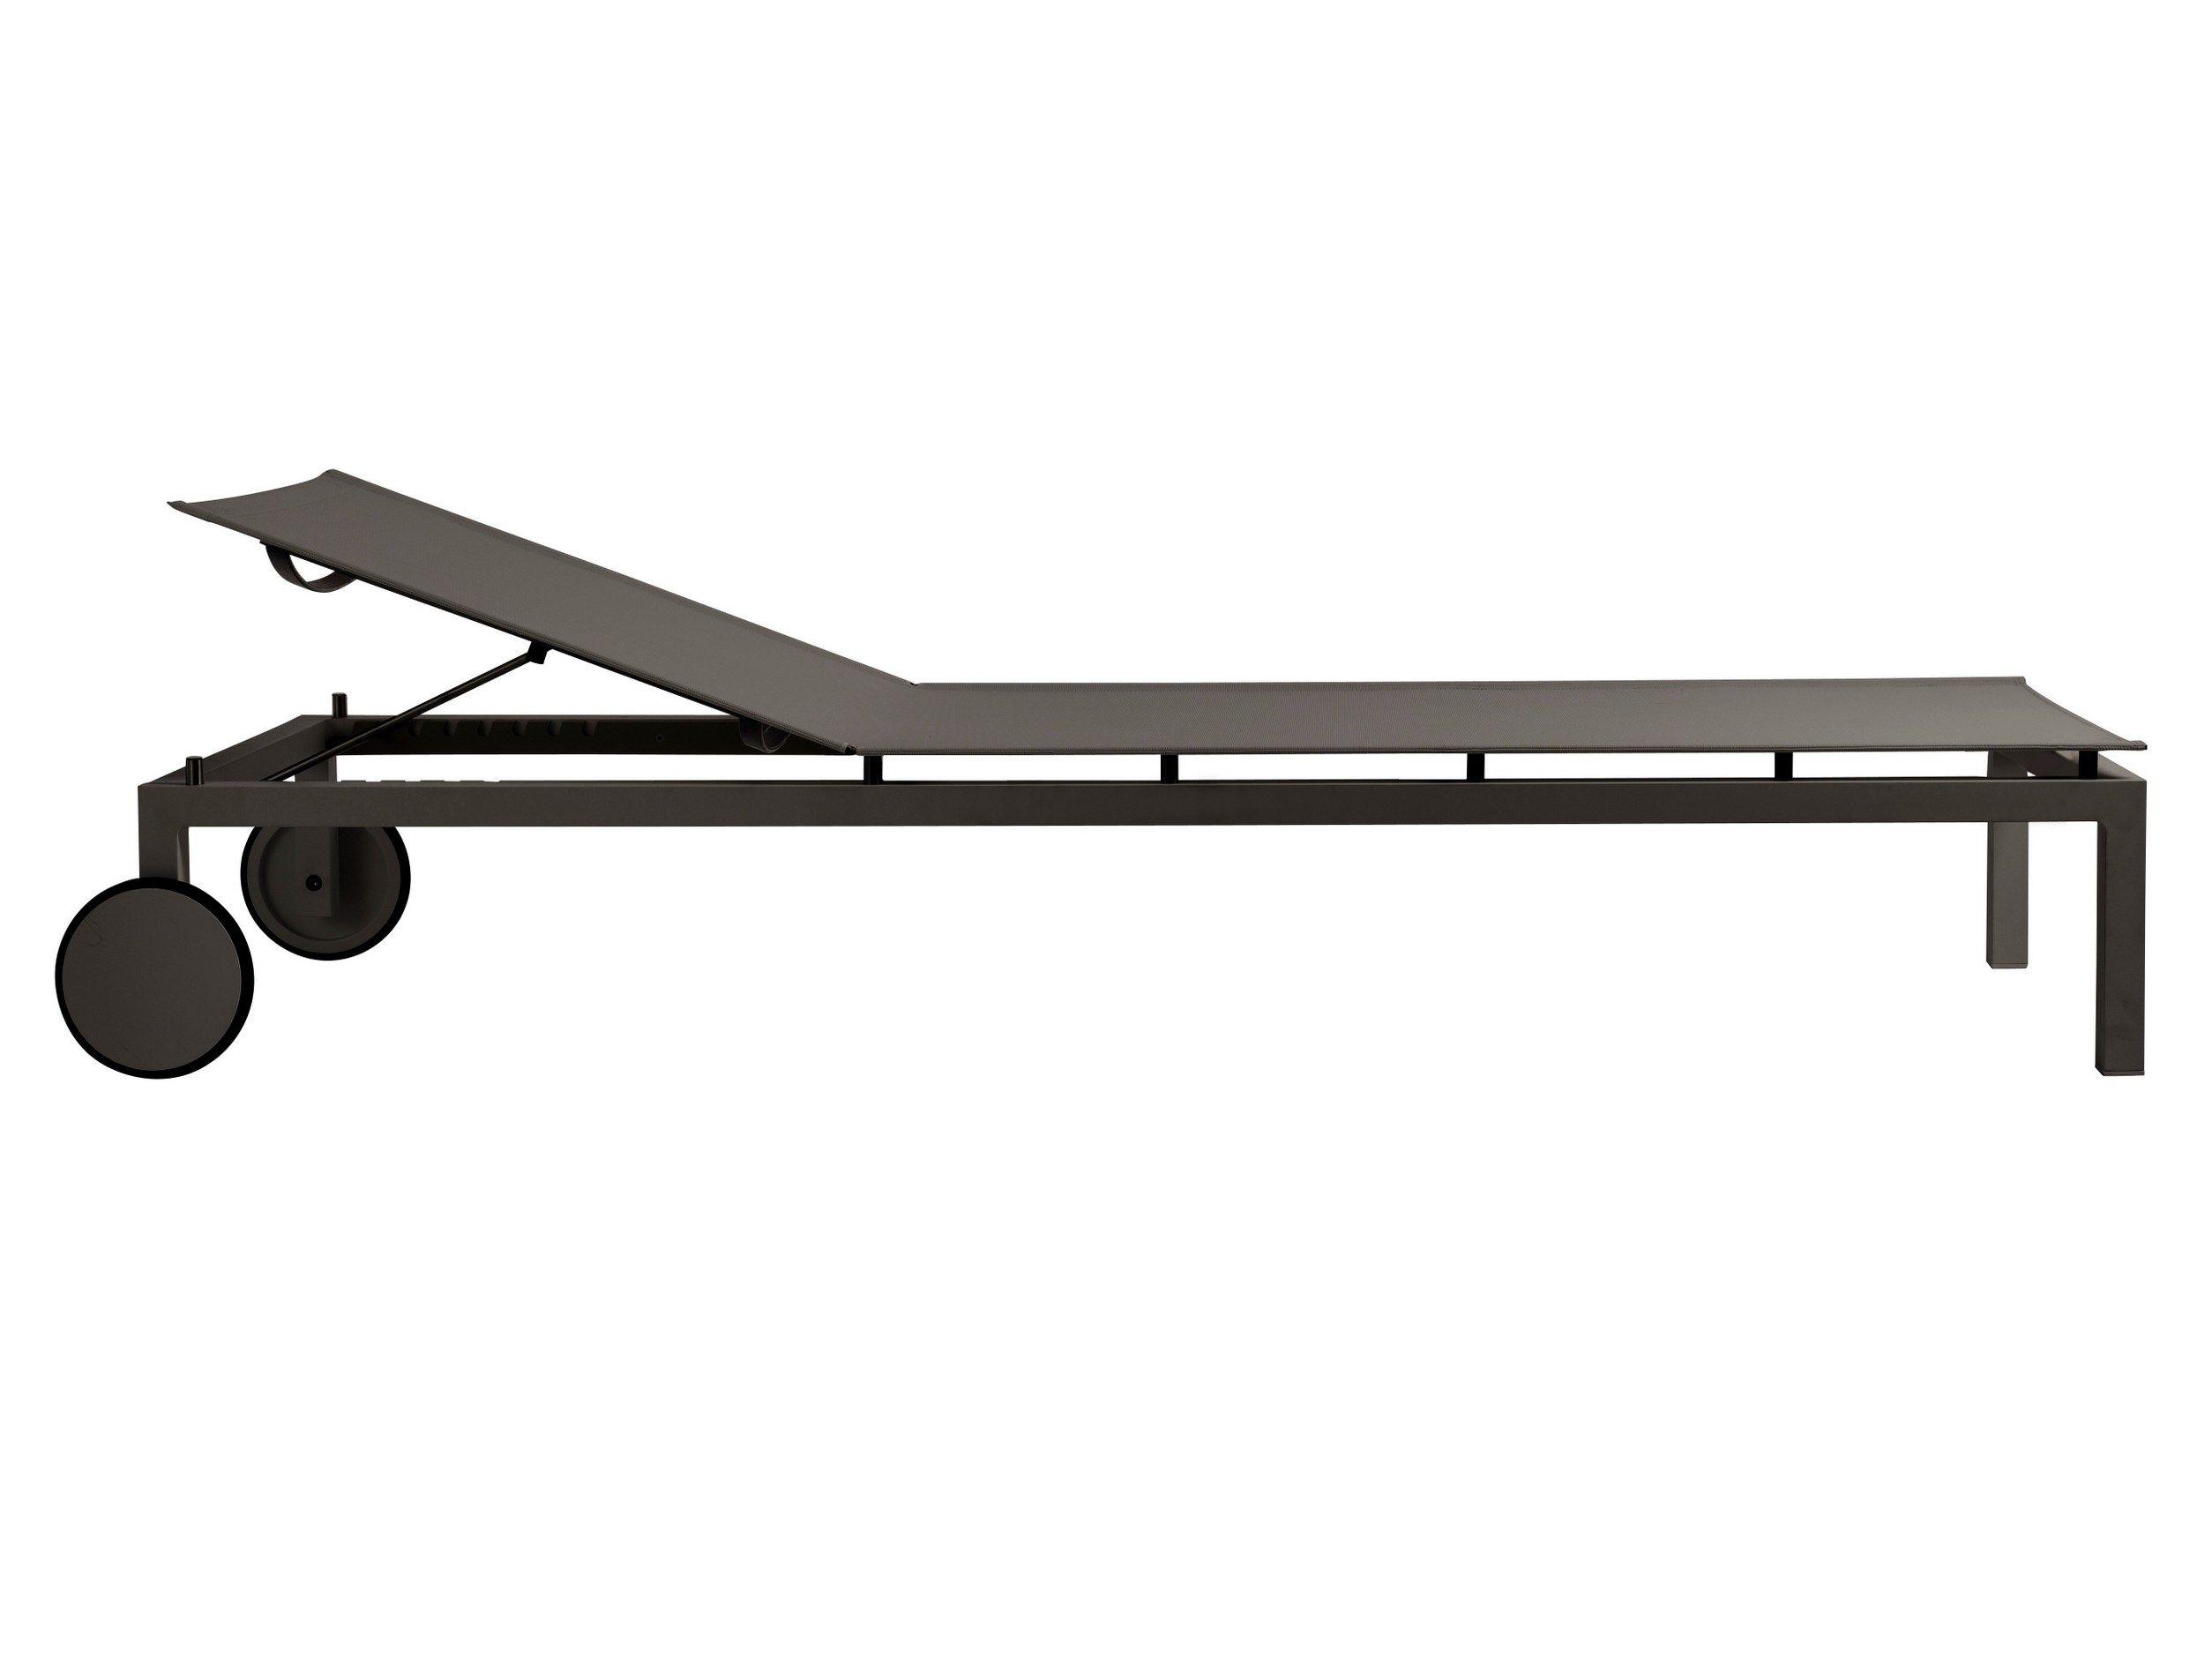 gartenliege mit rollen gartenliege zirena aus metall mit. Black Bedroom Furniture Sets. Home Design Ideas